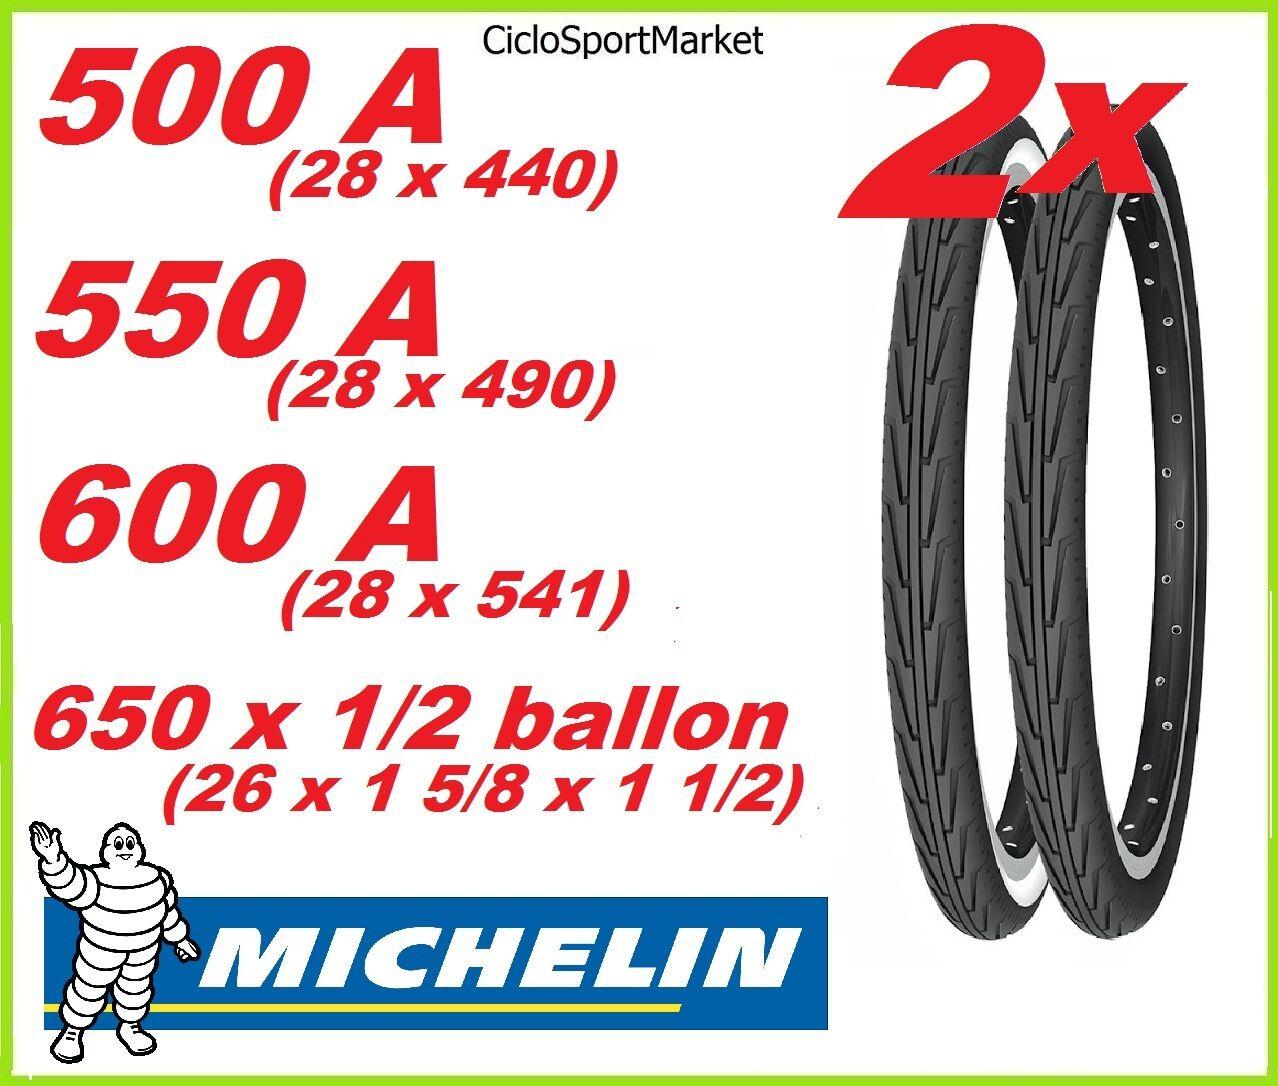 2 x Reifen Michelin 500A 500A 500A - 550A - 600A - 26 X 1 2 Ballon Fahrrad city 36ca6b